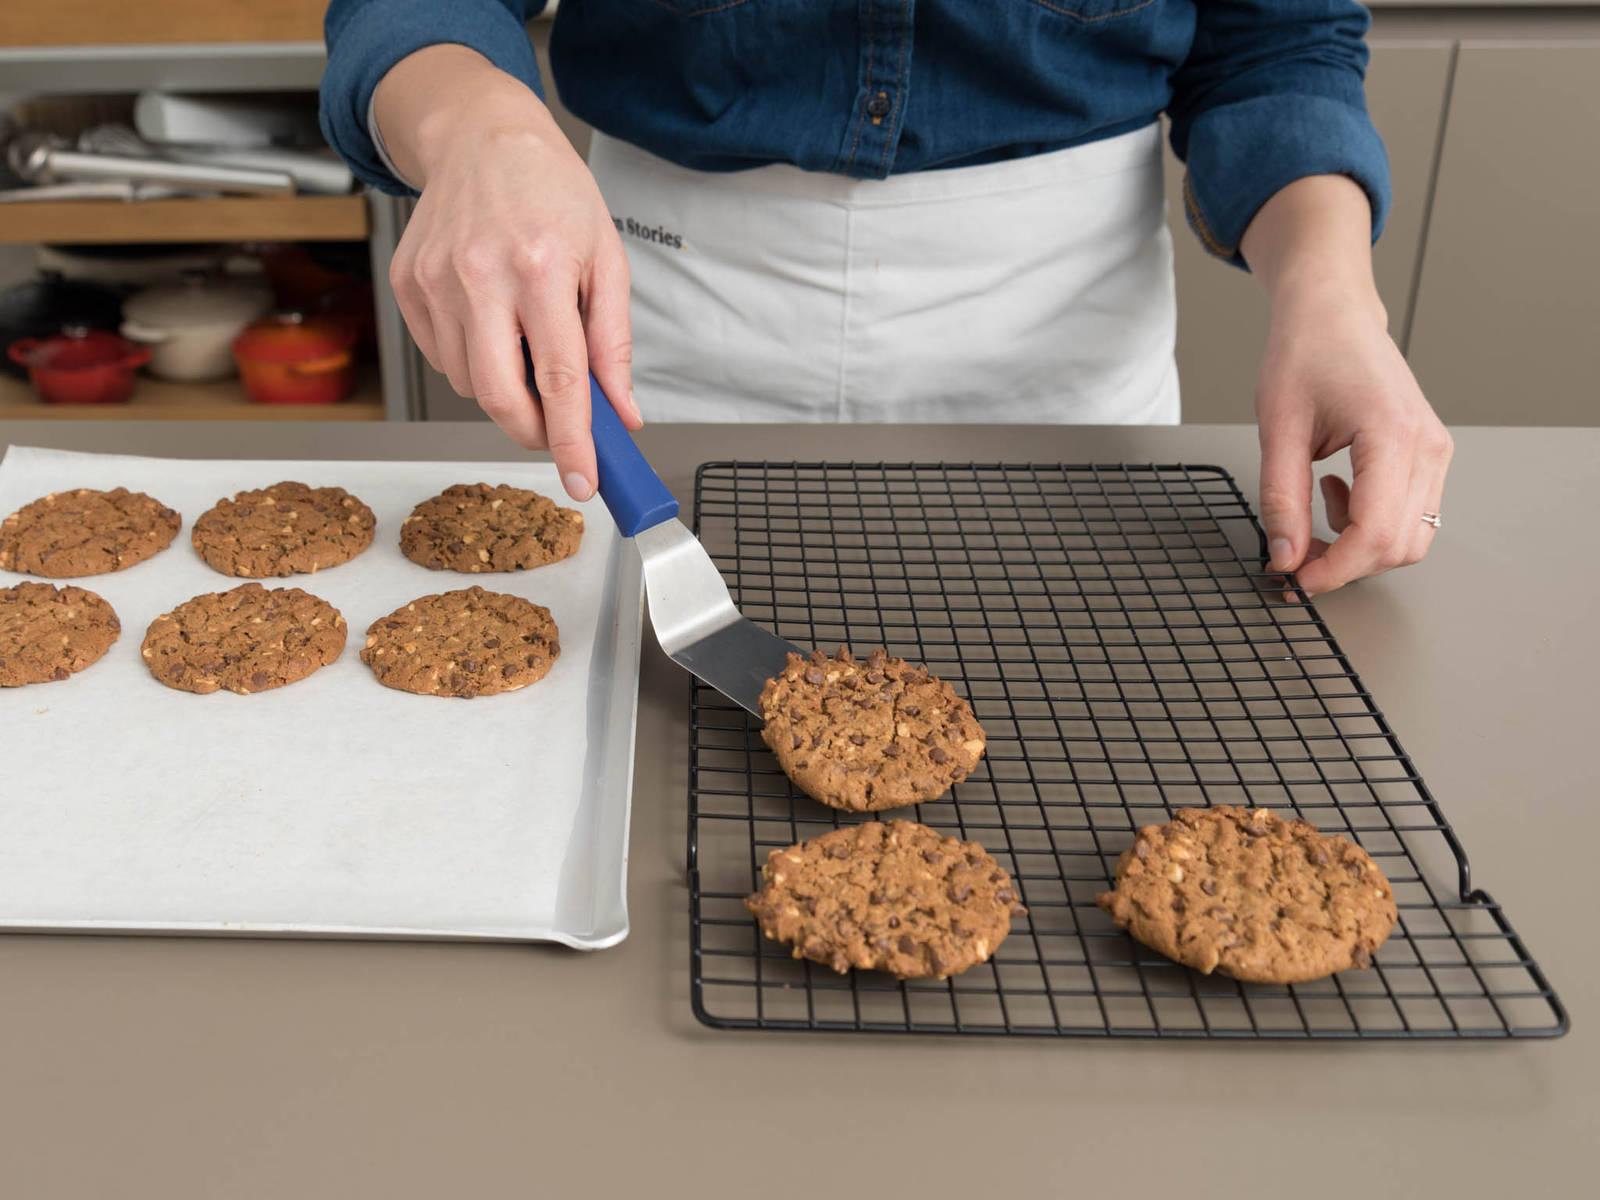 Kekse bei 160°C ca. 15 Min. backen, oder bis die Rändern knusprig werden. Ca. 2 Min. auf dem Backblech leicht abkühlen lassen. Anschließend vollständig auf einem Kuchengitter auskühlen lassen. Guten Appetit!